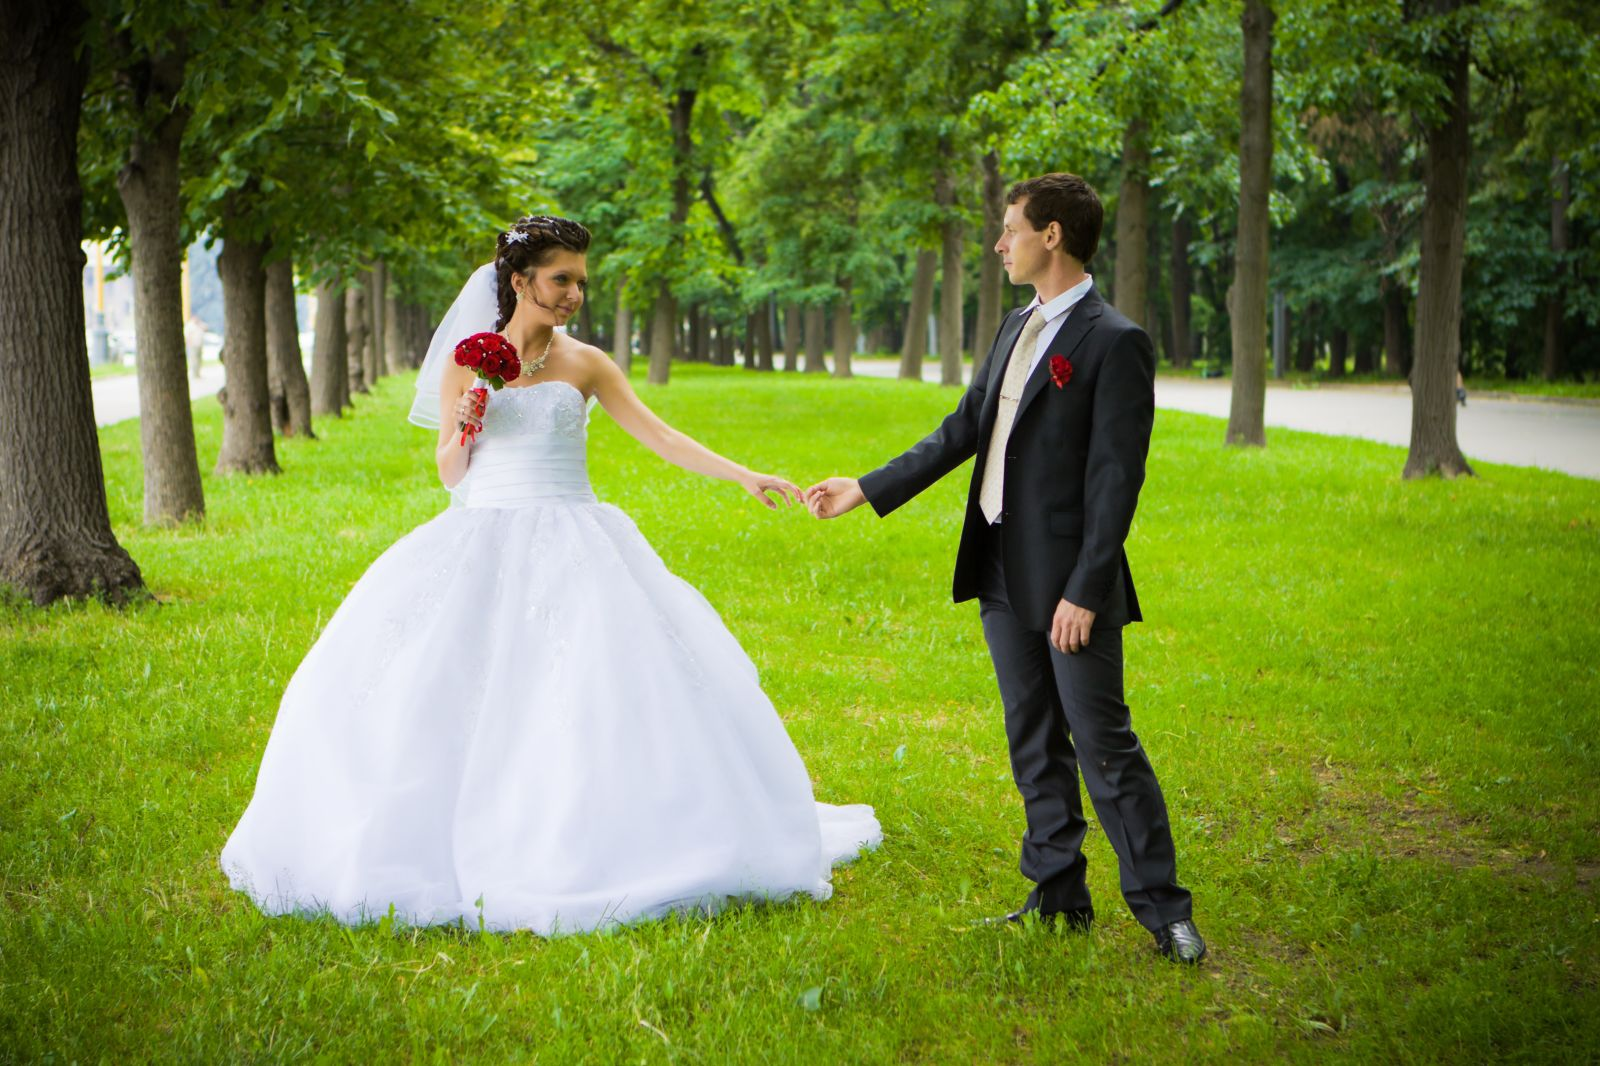 Фото и видеосъемка на свадьбе недорого